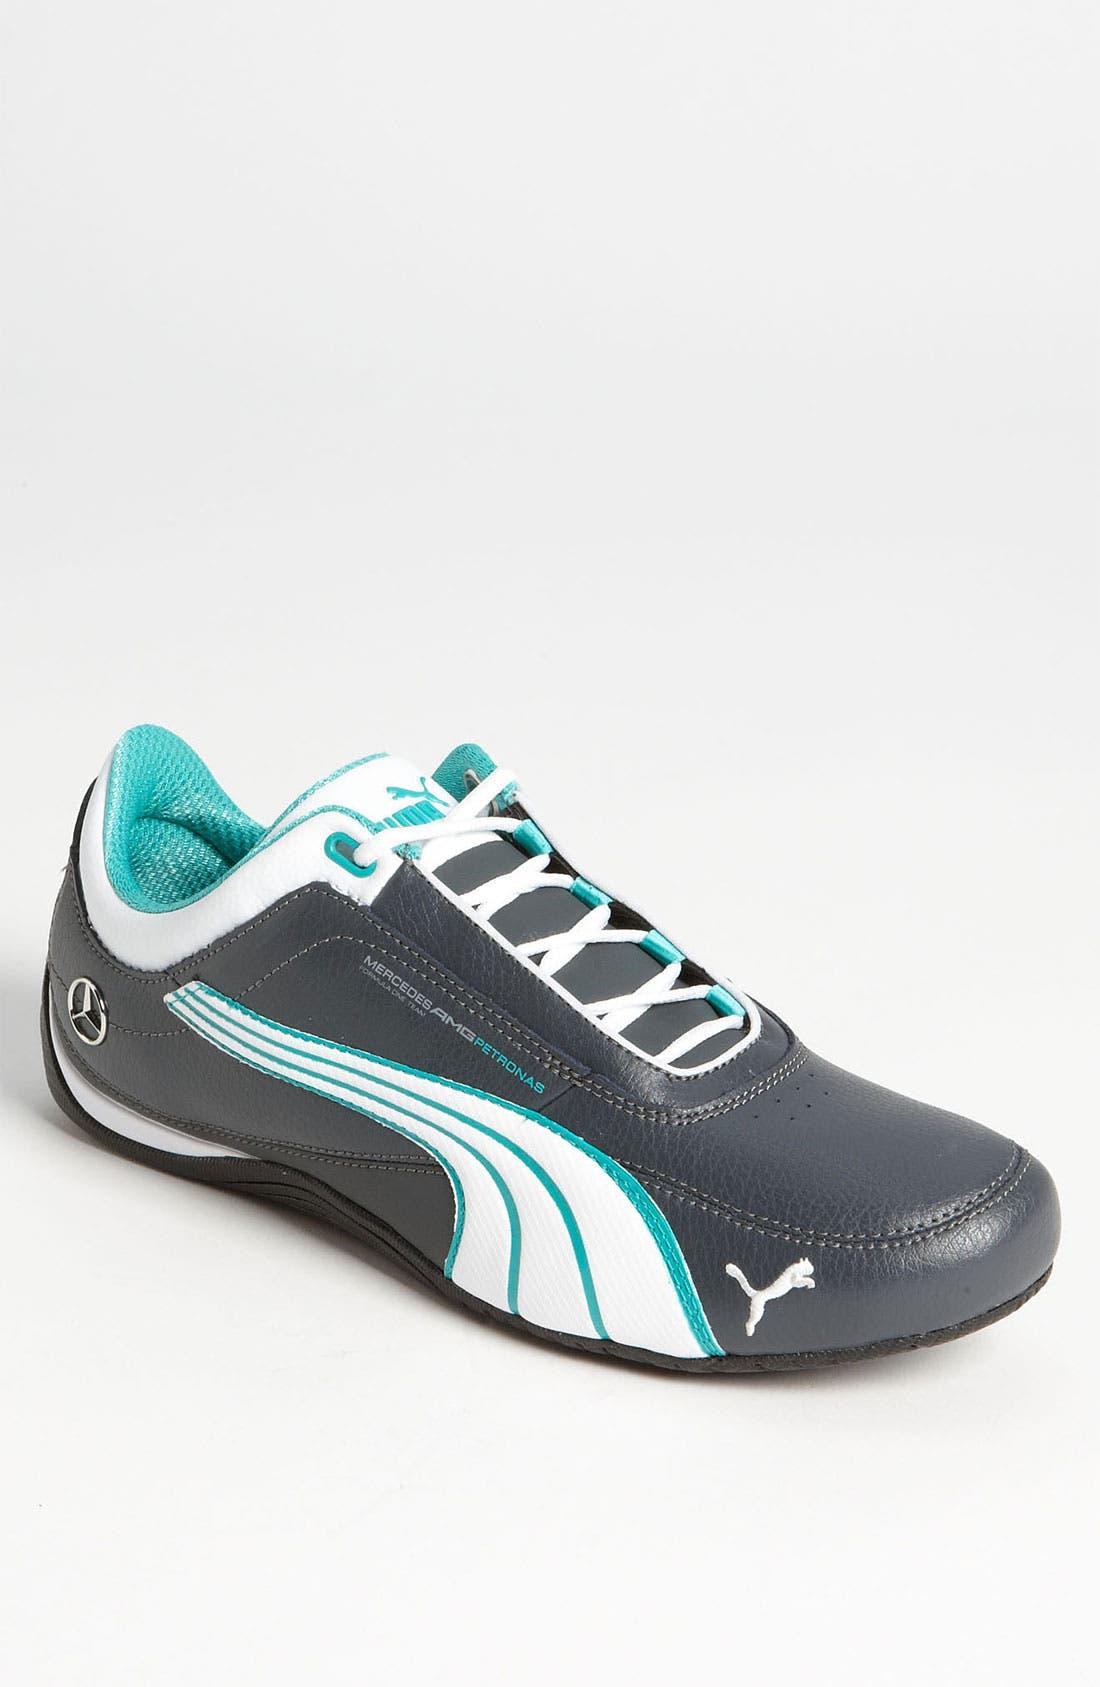 Alternate Image 1 Selected - PUMA 'Mercedes AMG Petronas Drift Cat' Sneaker (Men)